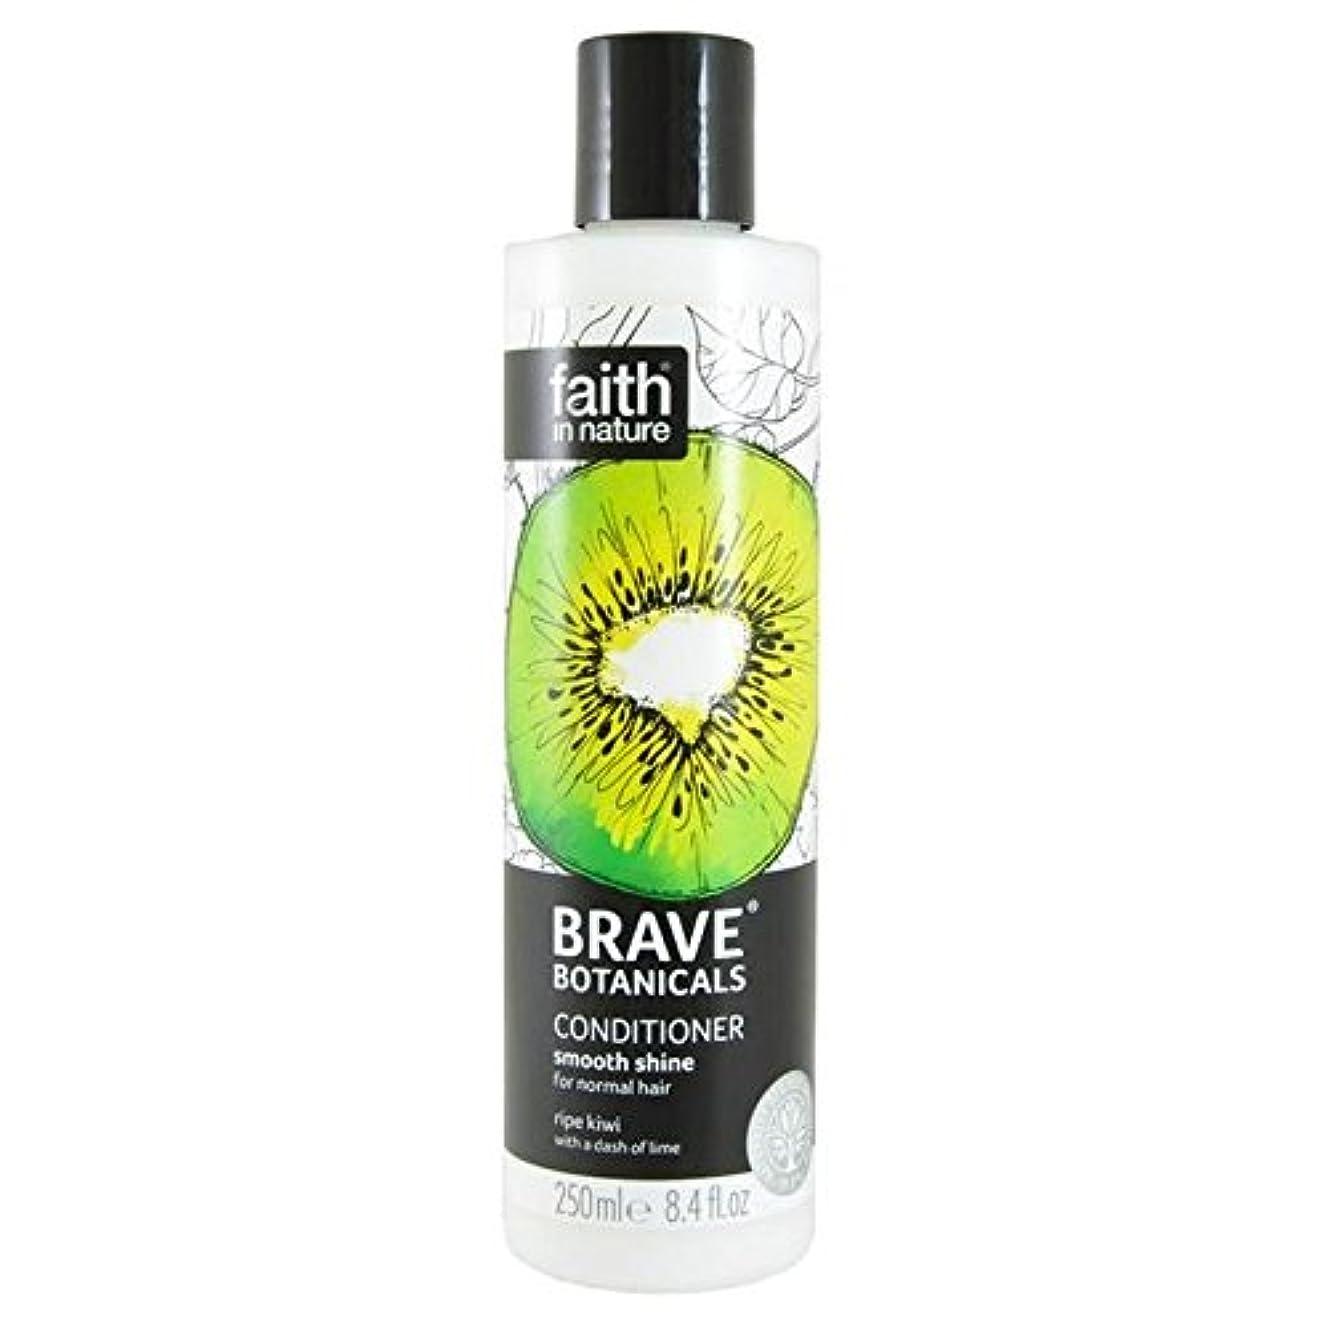 ディプロマ望むベットBrave Botanicals Kiwi & Lime Smooth Shine Conditioner 250ml (Pack of 6) - (Faith In Nature) 勇敢な植物キウイ&ライムなめらかな輝...